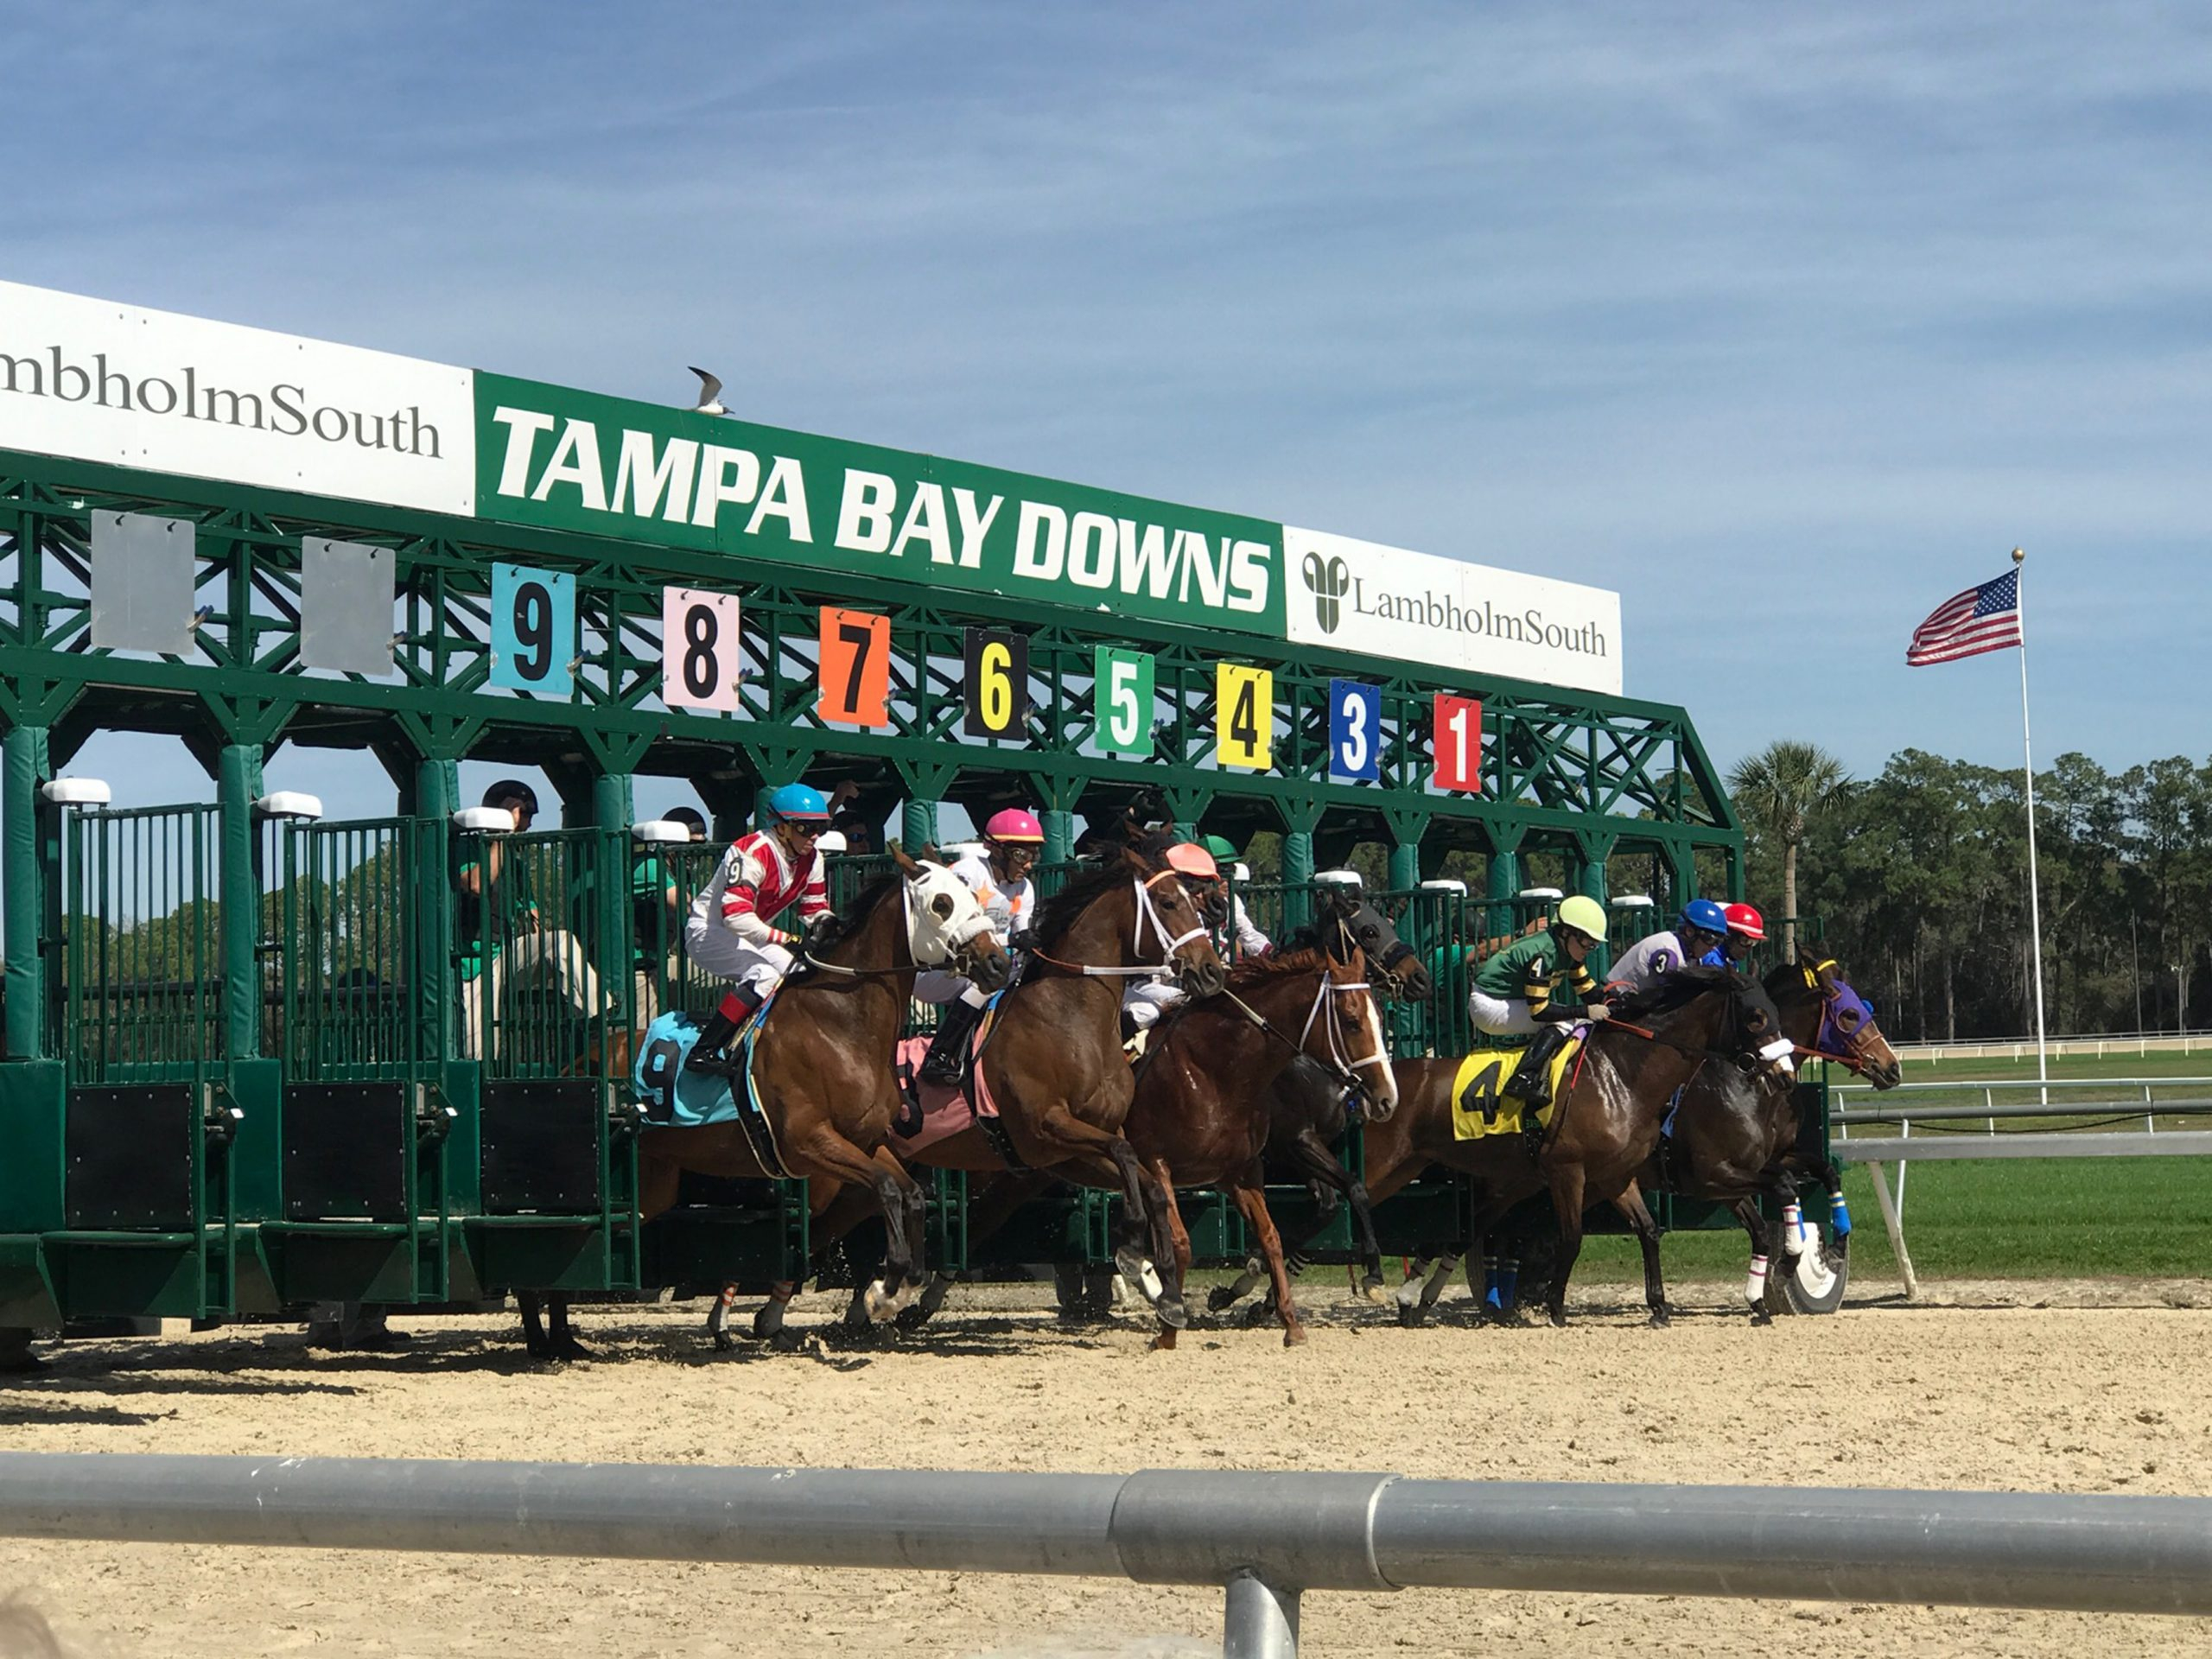 Us Racing – Tampa Bay Downs Returns In June | Quickgallop Within Tampa Bay Downs Racing Schedule